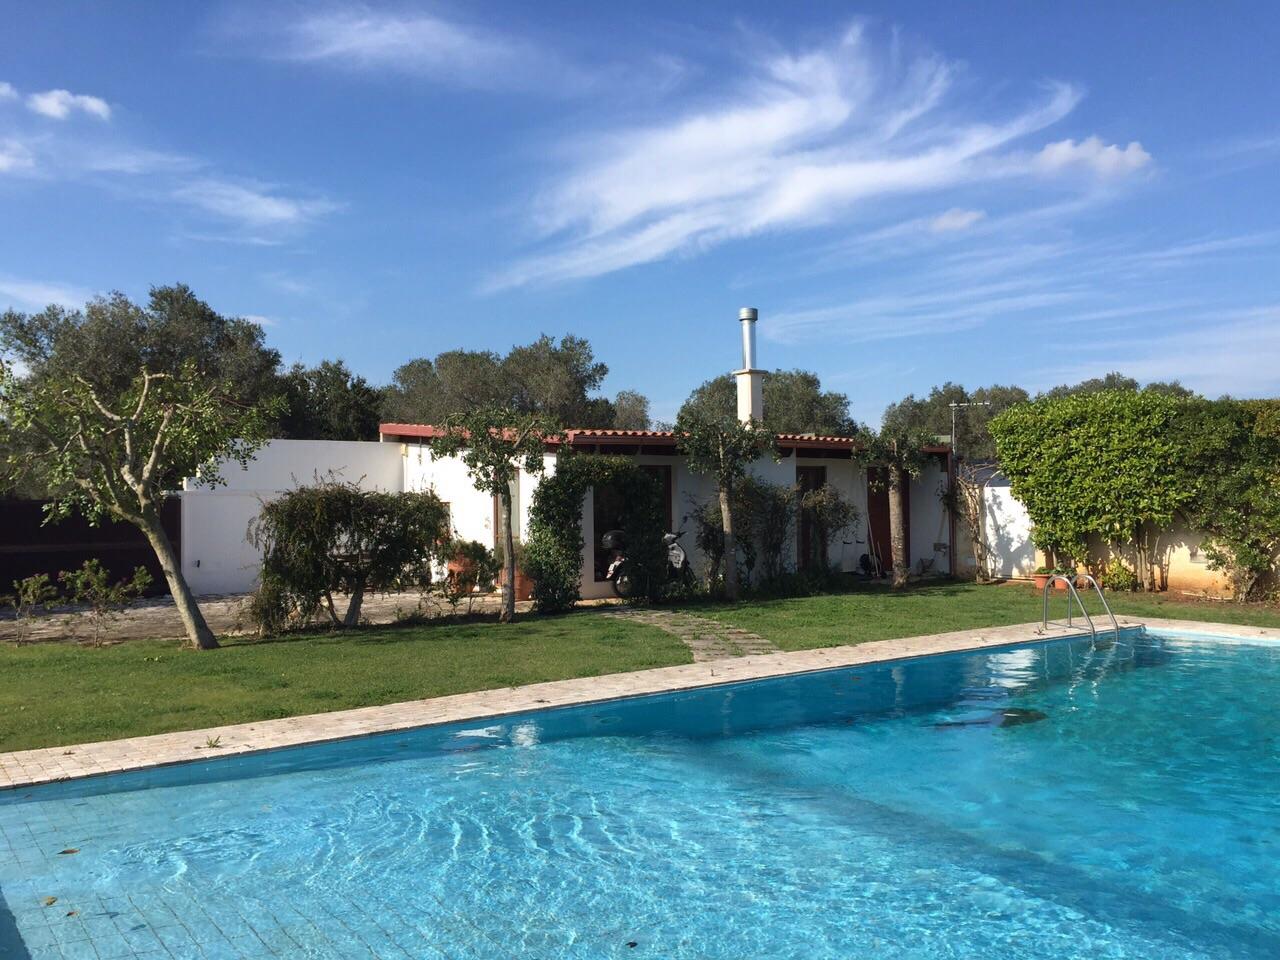 Villa con piscina e giardino a casarano - Giardino con piscina ...